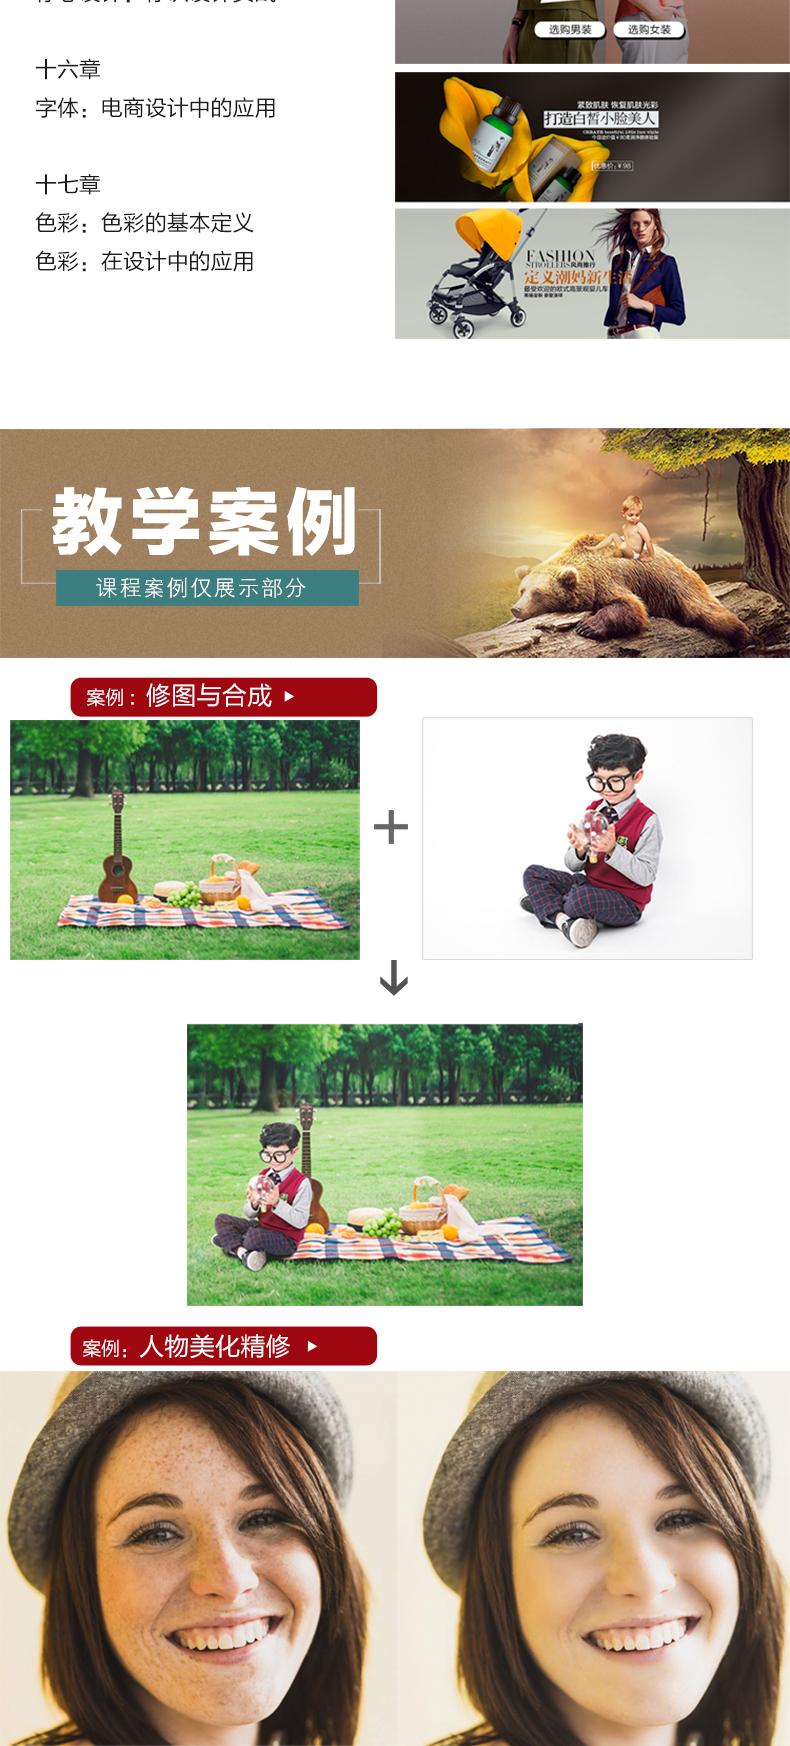 淘宝班详情页2_08.jpg